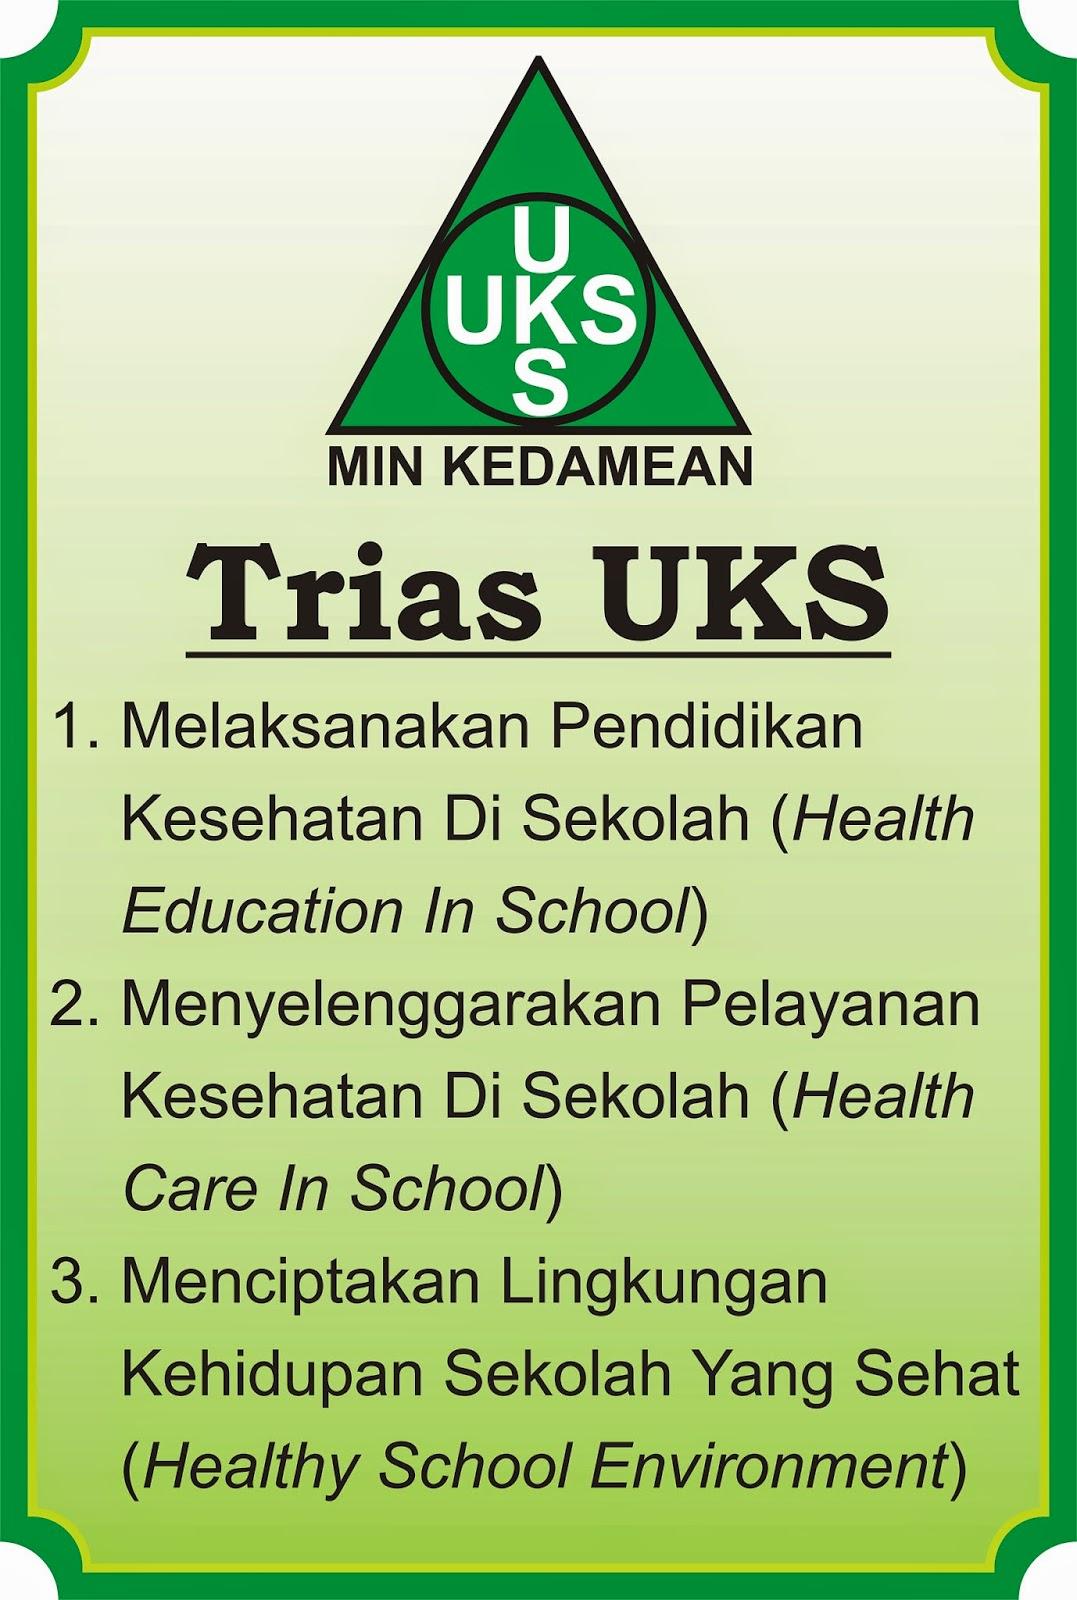 Tiga misi UKS